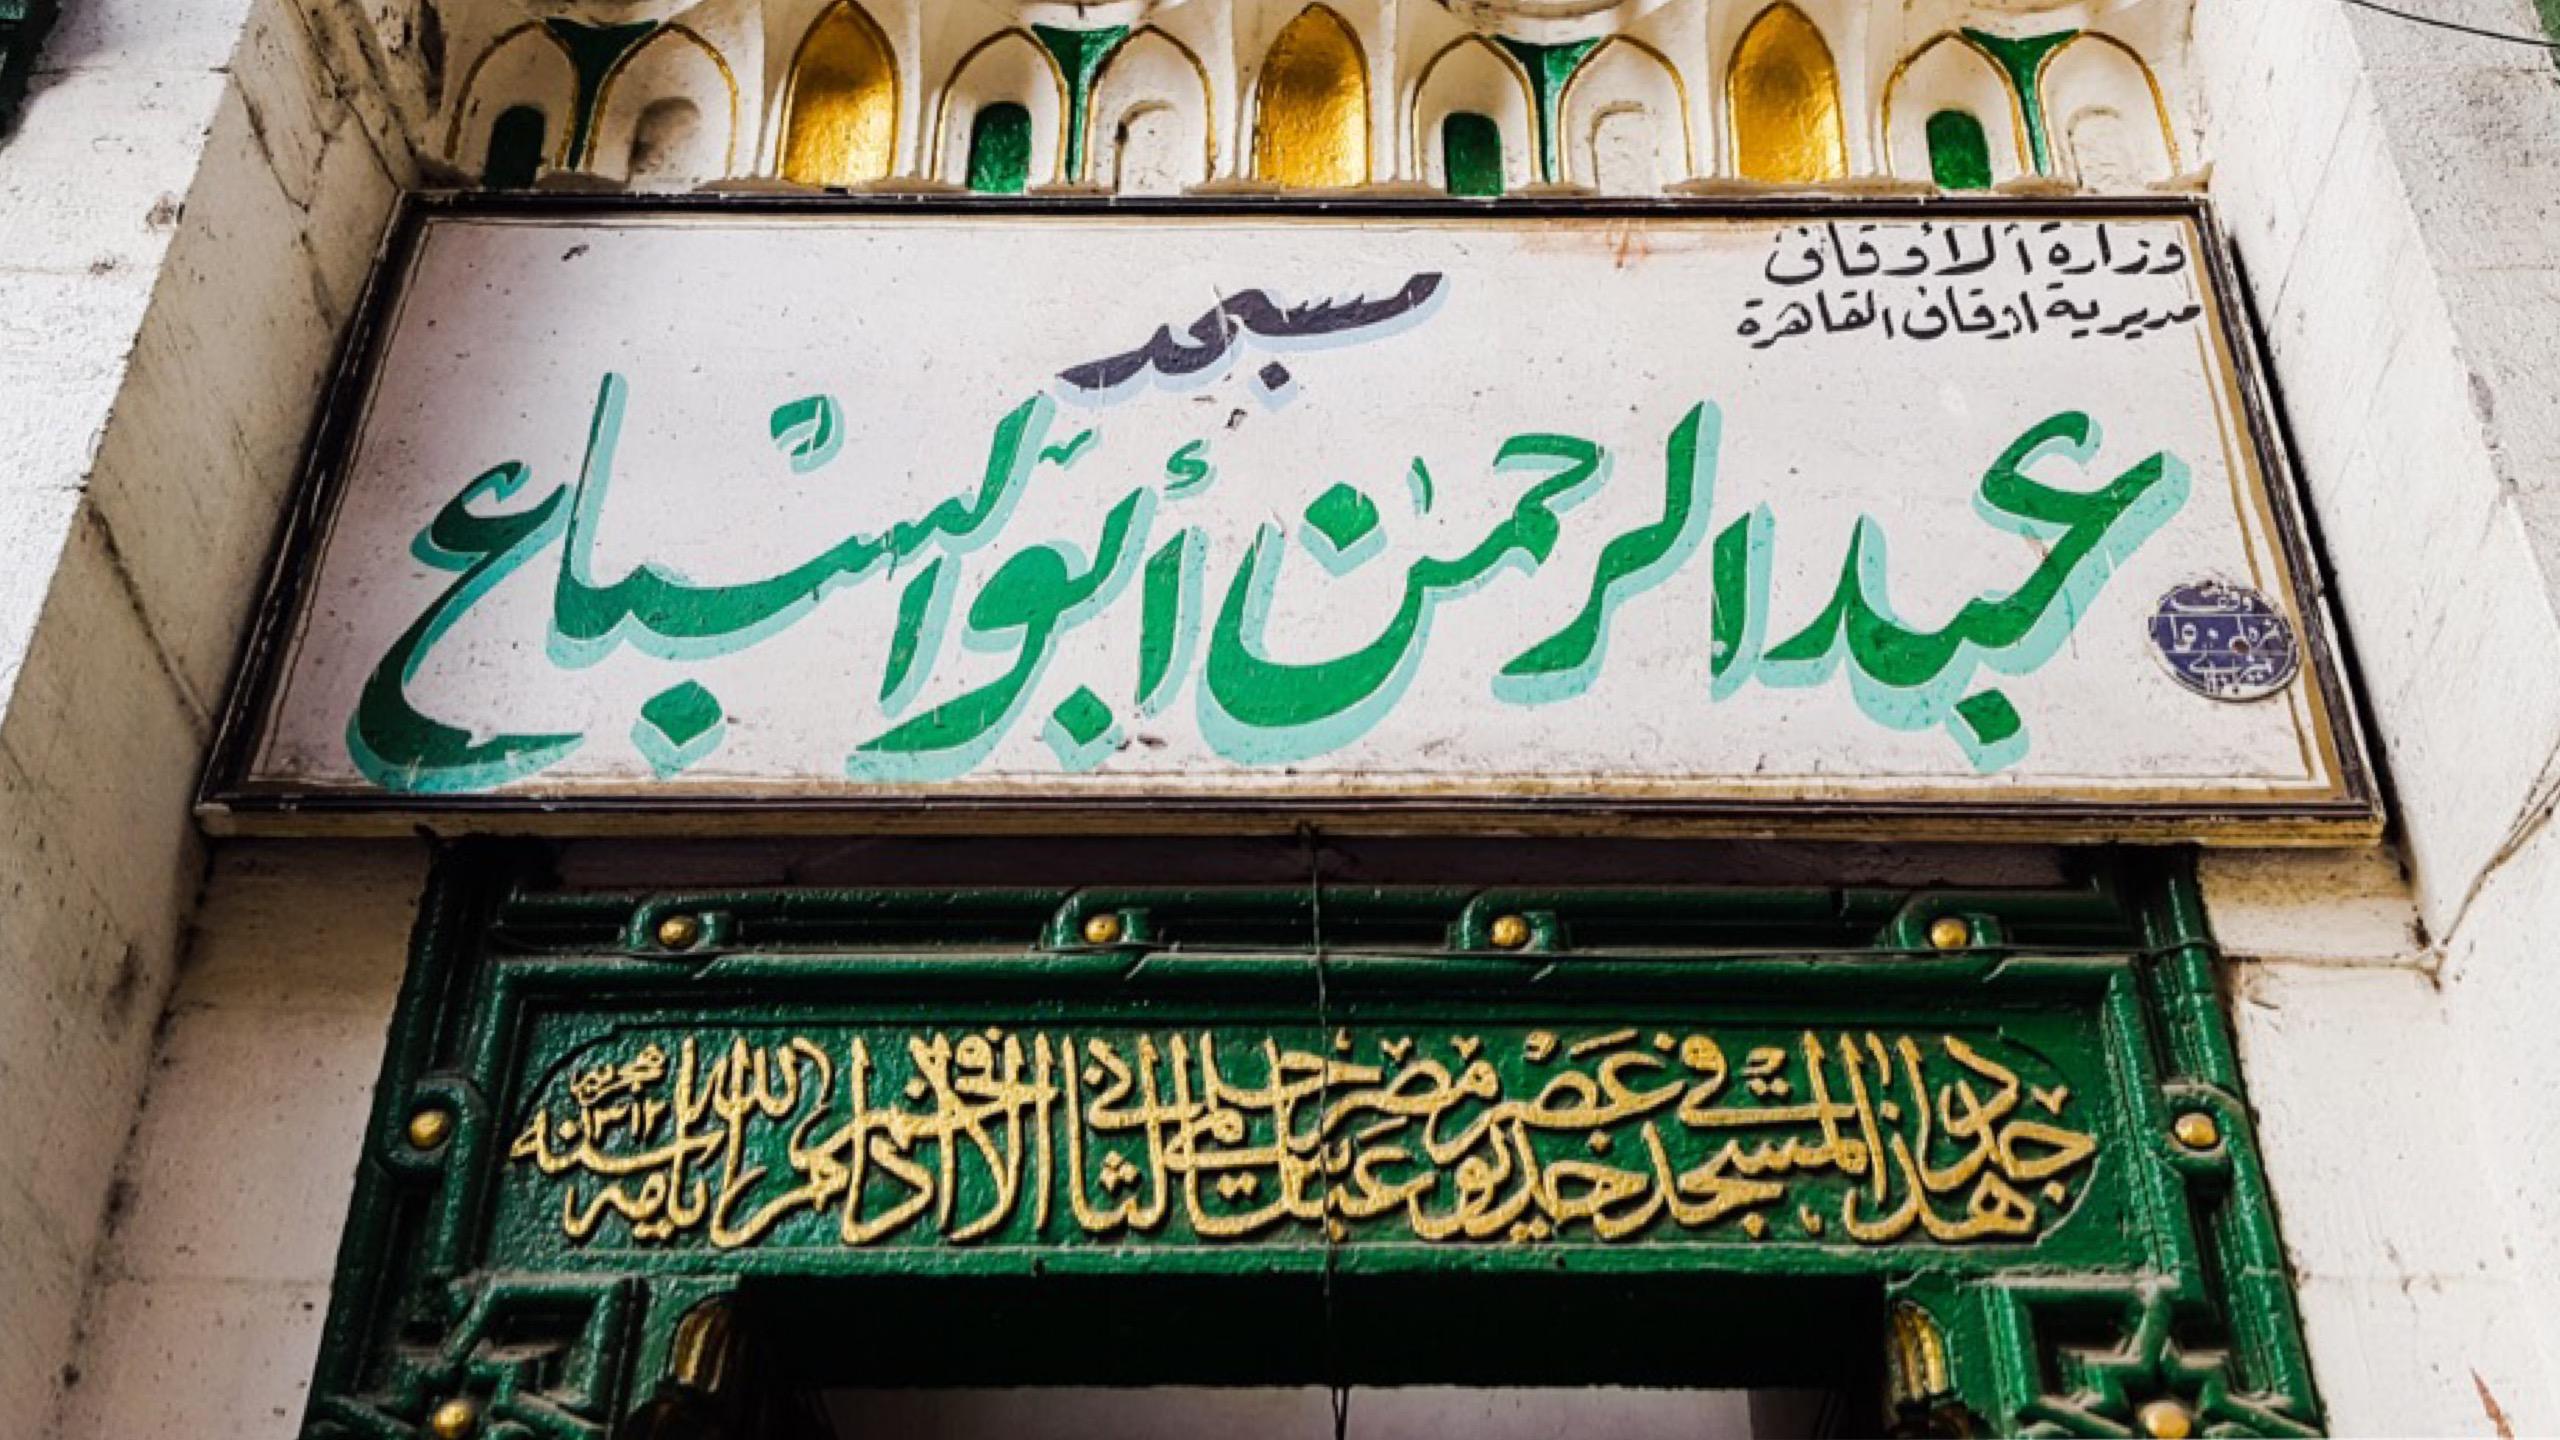 مسجد أبو السباع - حارة أبو السباع، عابدين - تصوير: ميشيل حنا